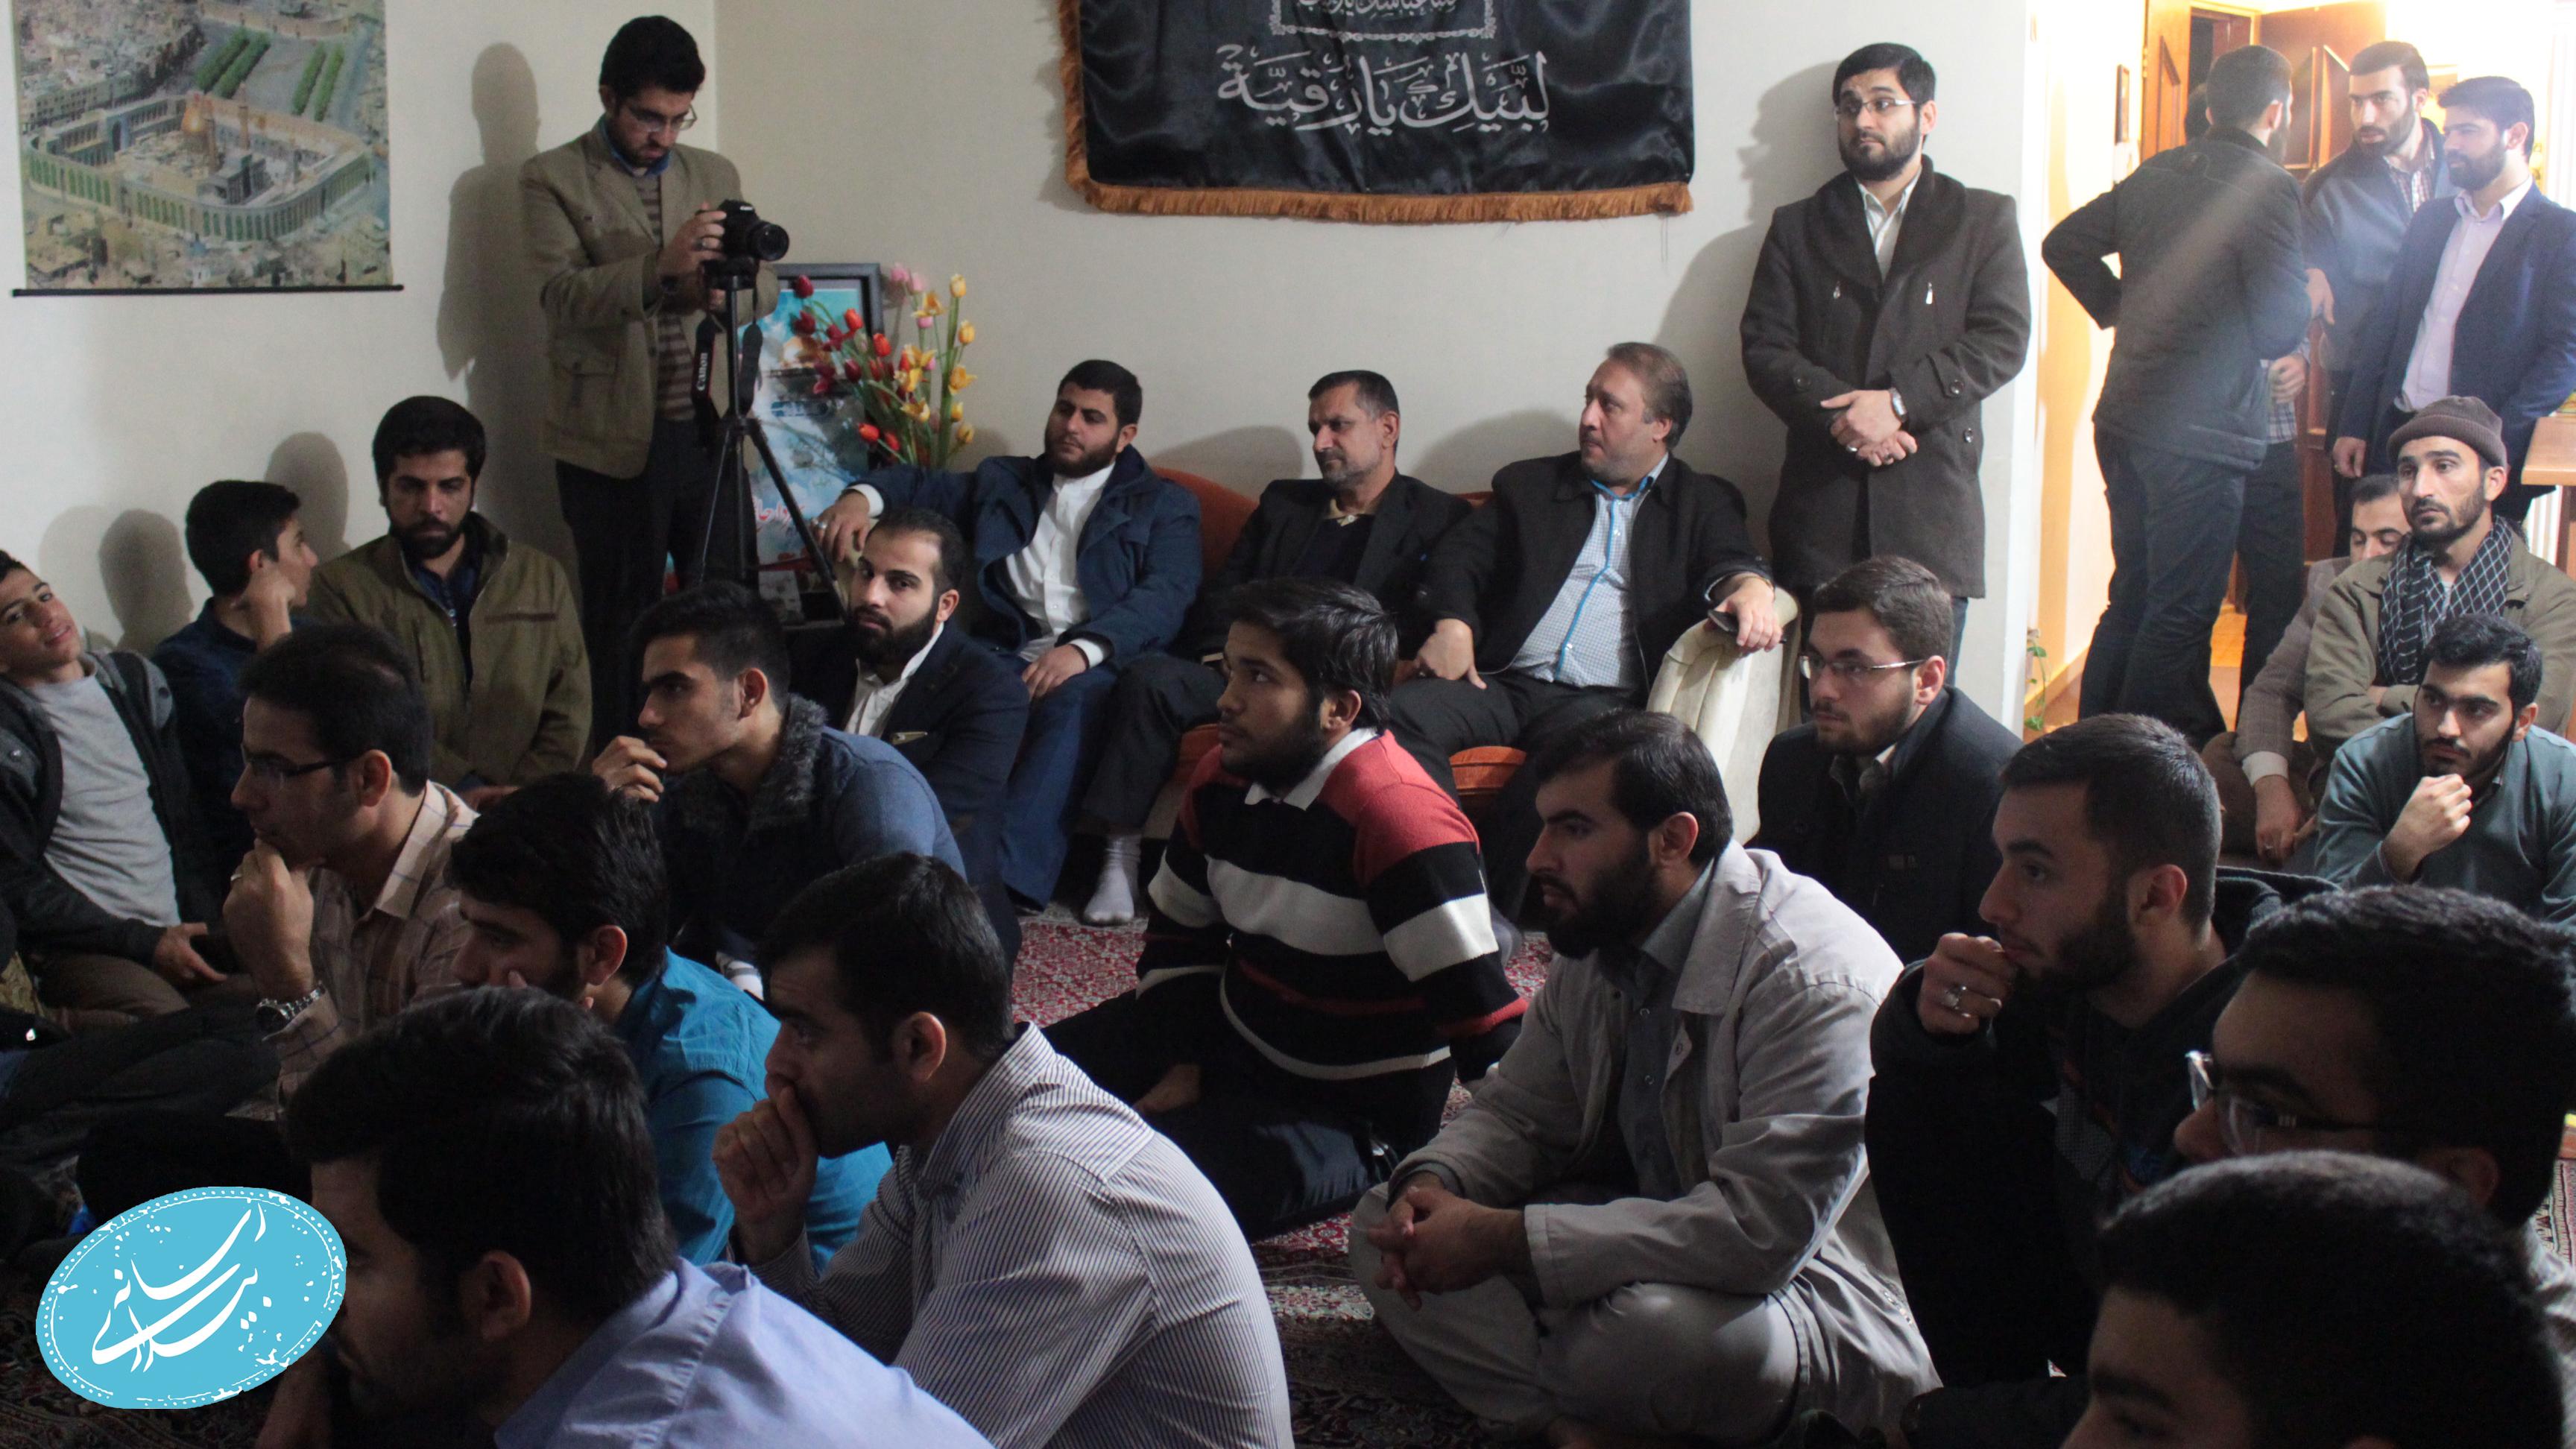 گزارش تصویری اولین اکران سینما مقاومت منزل شهید قربانی